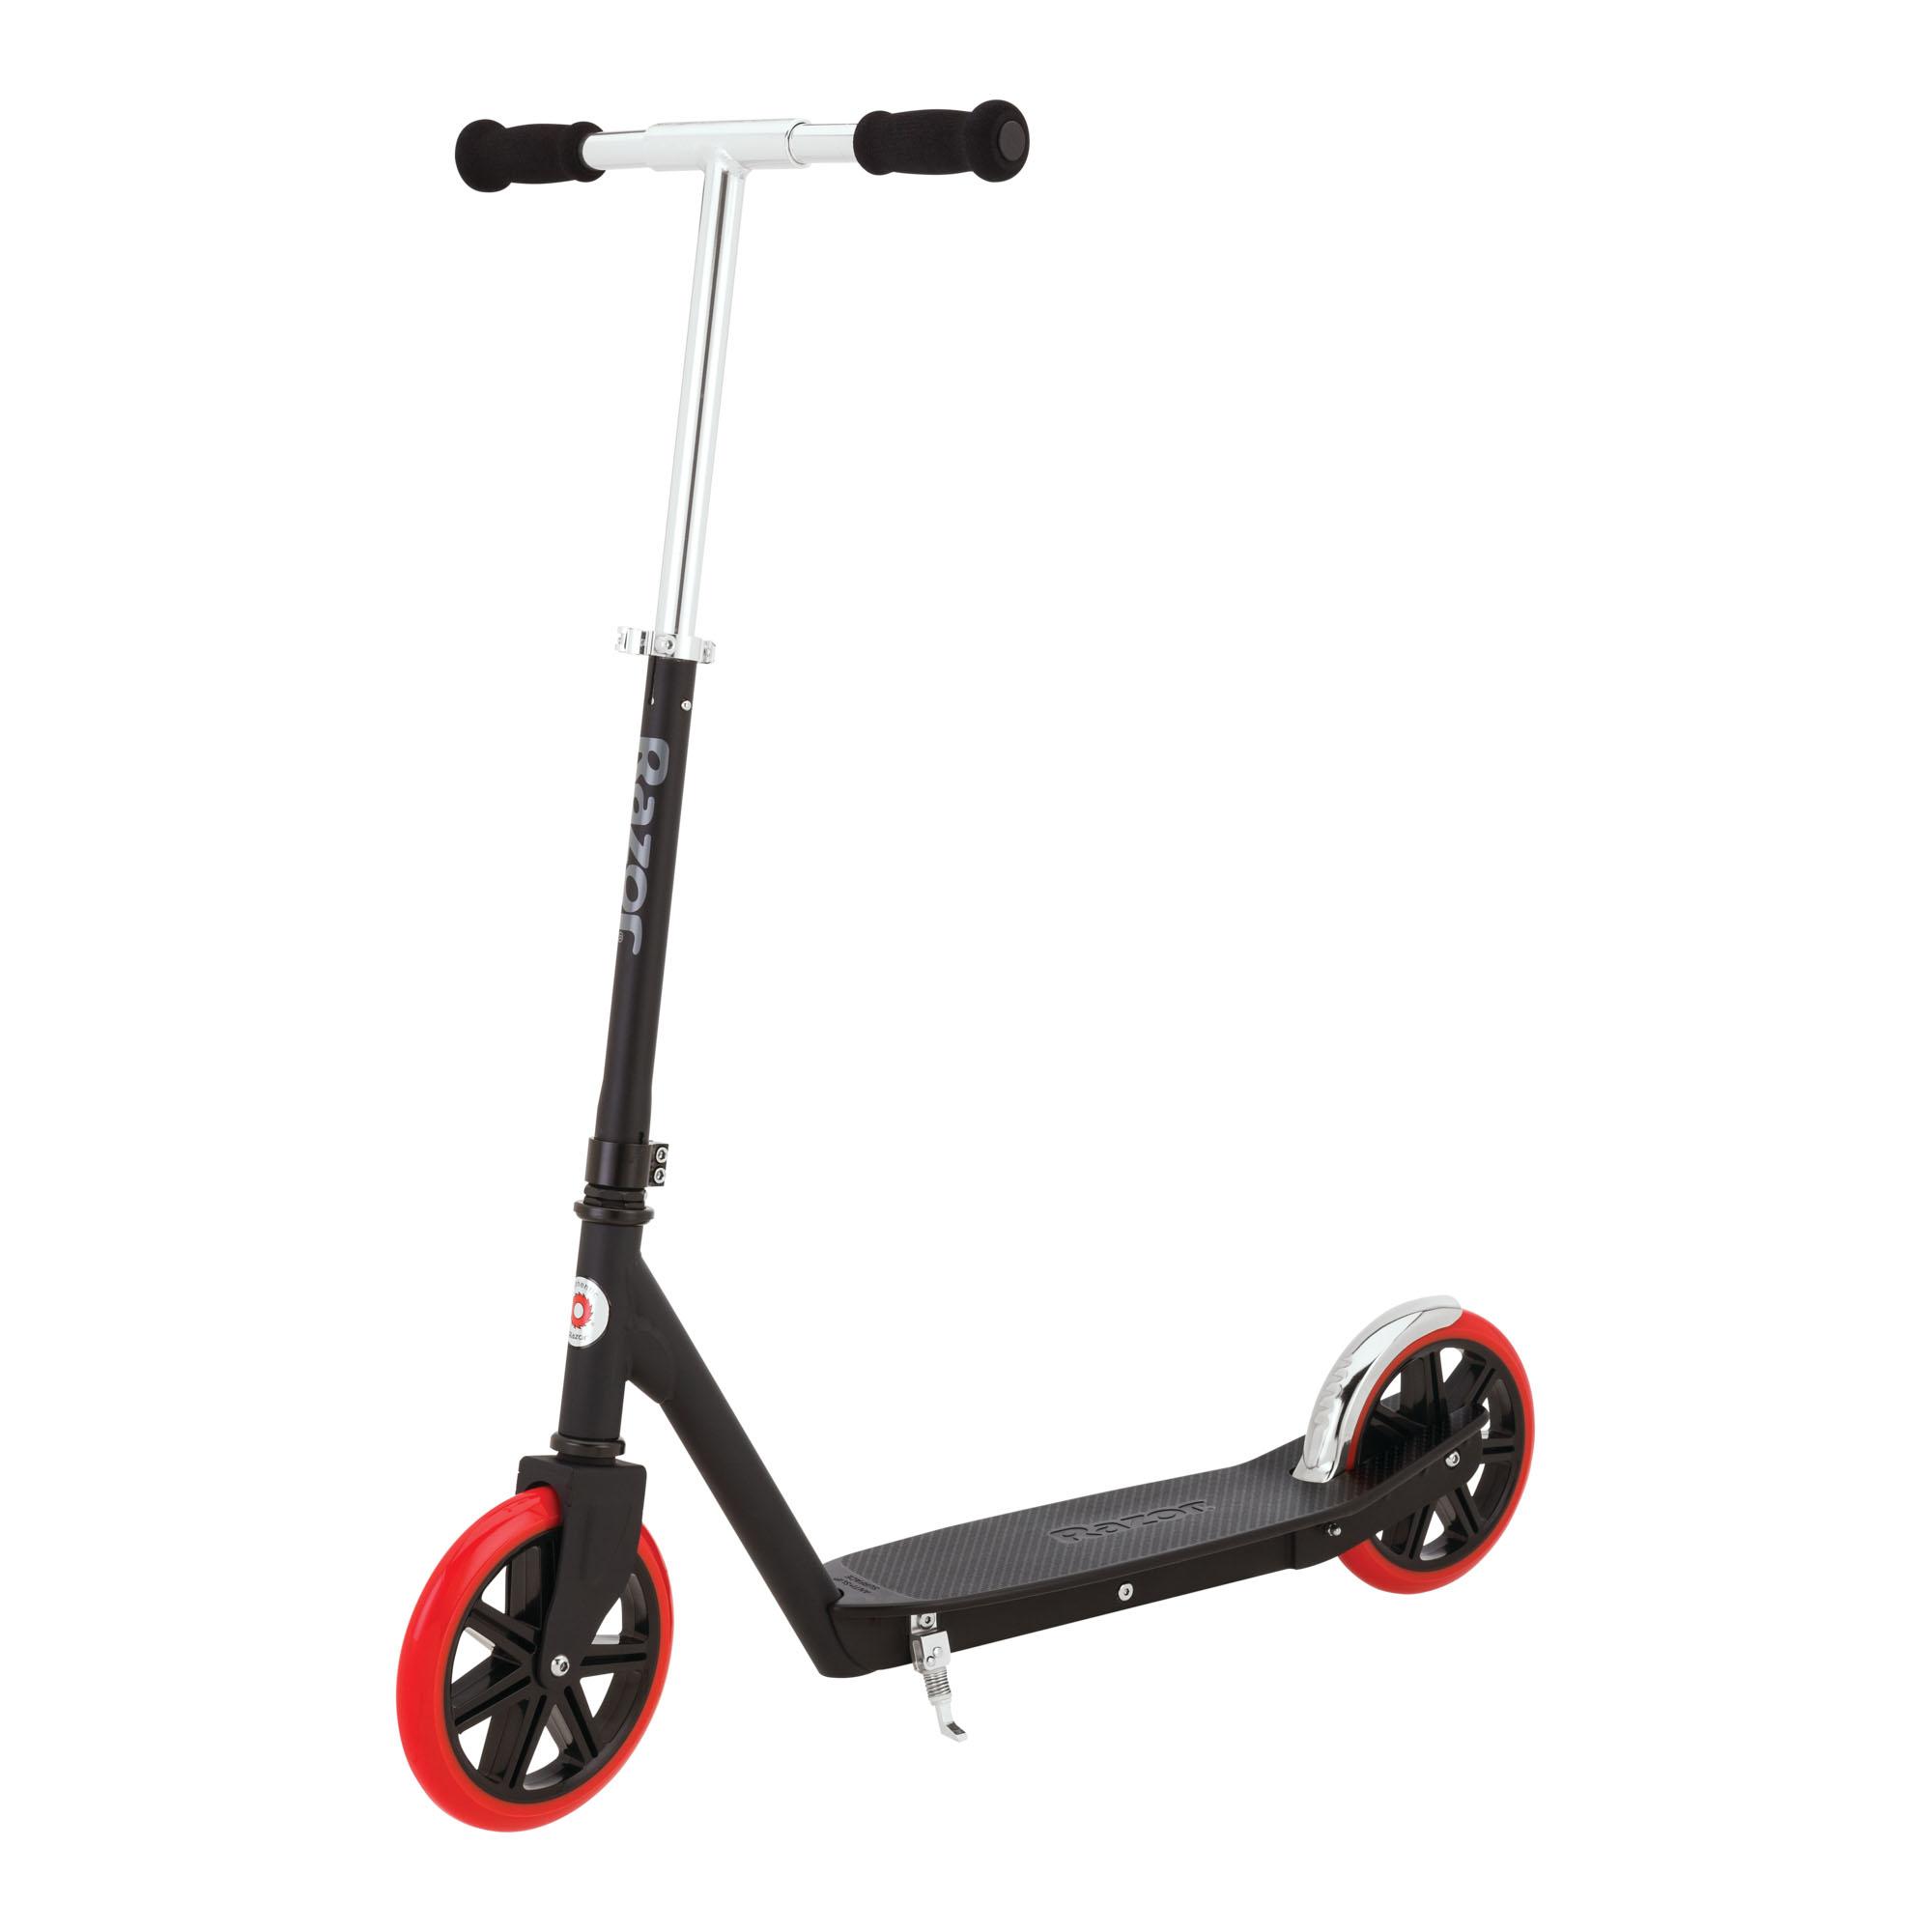 Razor A5 Carbon Lux Kick Scooter Parts